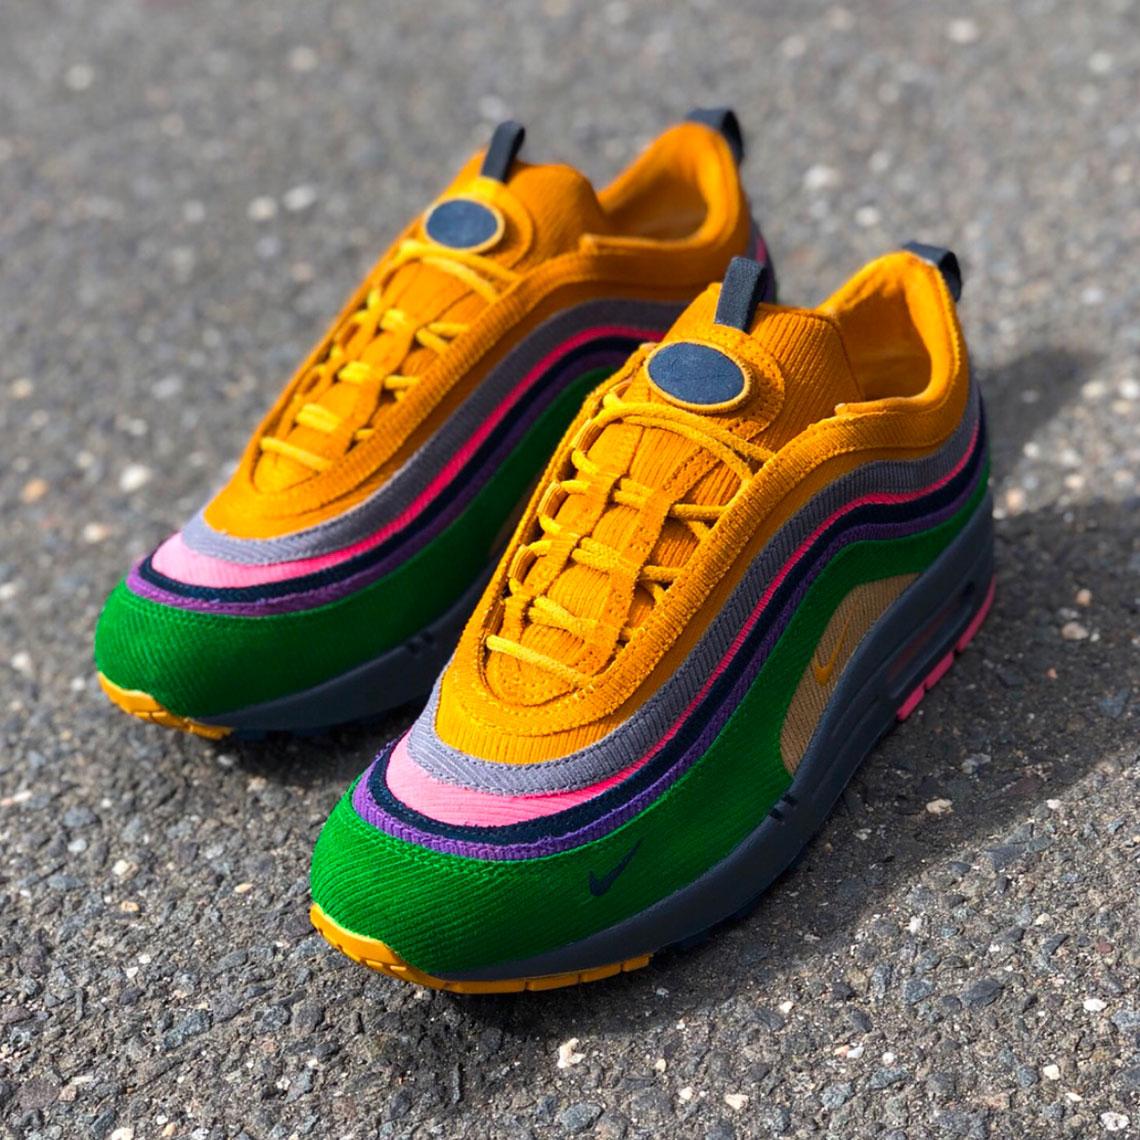 1f044bfe1523 EffortlesslyFly.com - Online Footwear Platform for the Culture  Sean ...